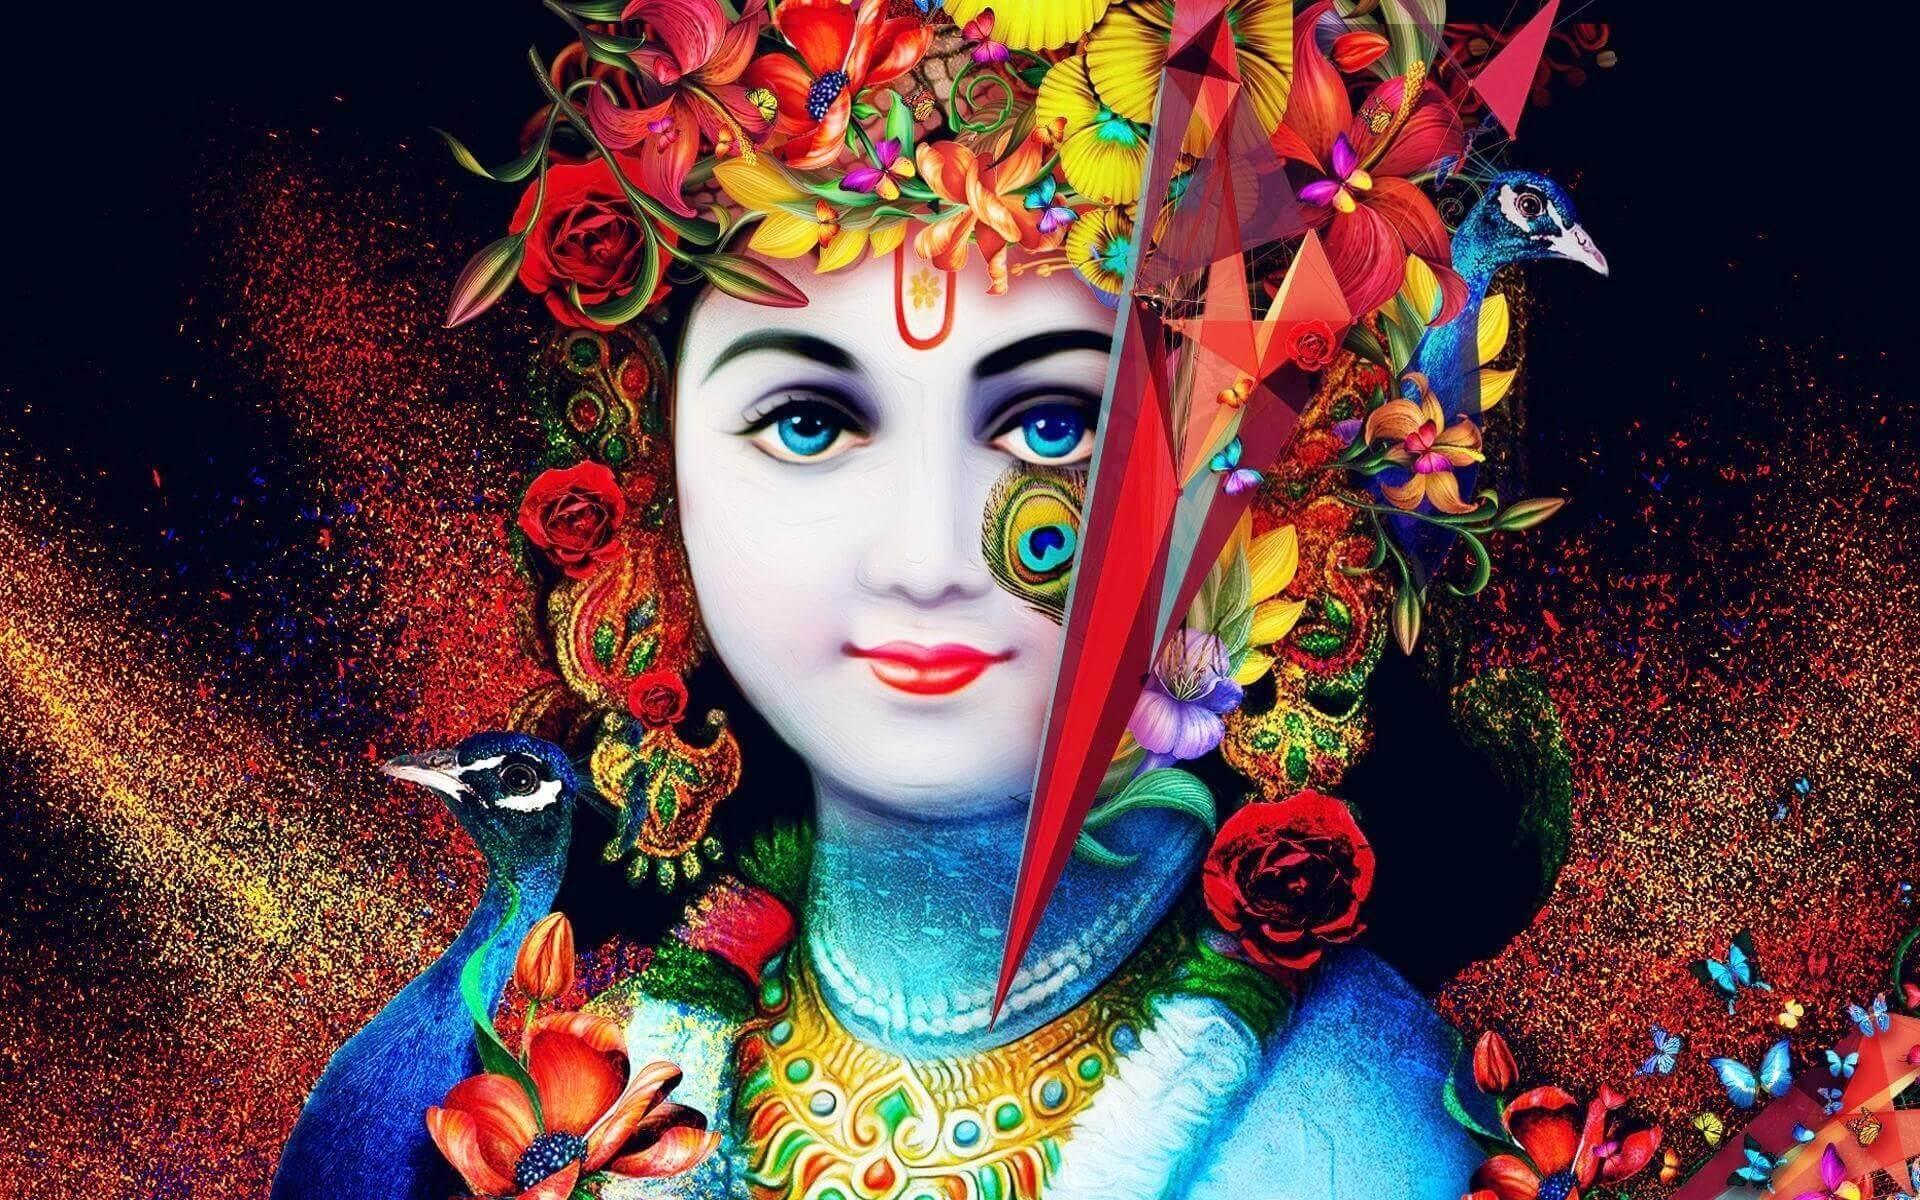 krishna wallpapers top free krishna backgrounds wallpaperaccess krishna wallpapers top free krishna